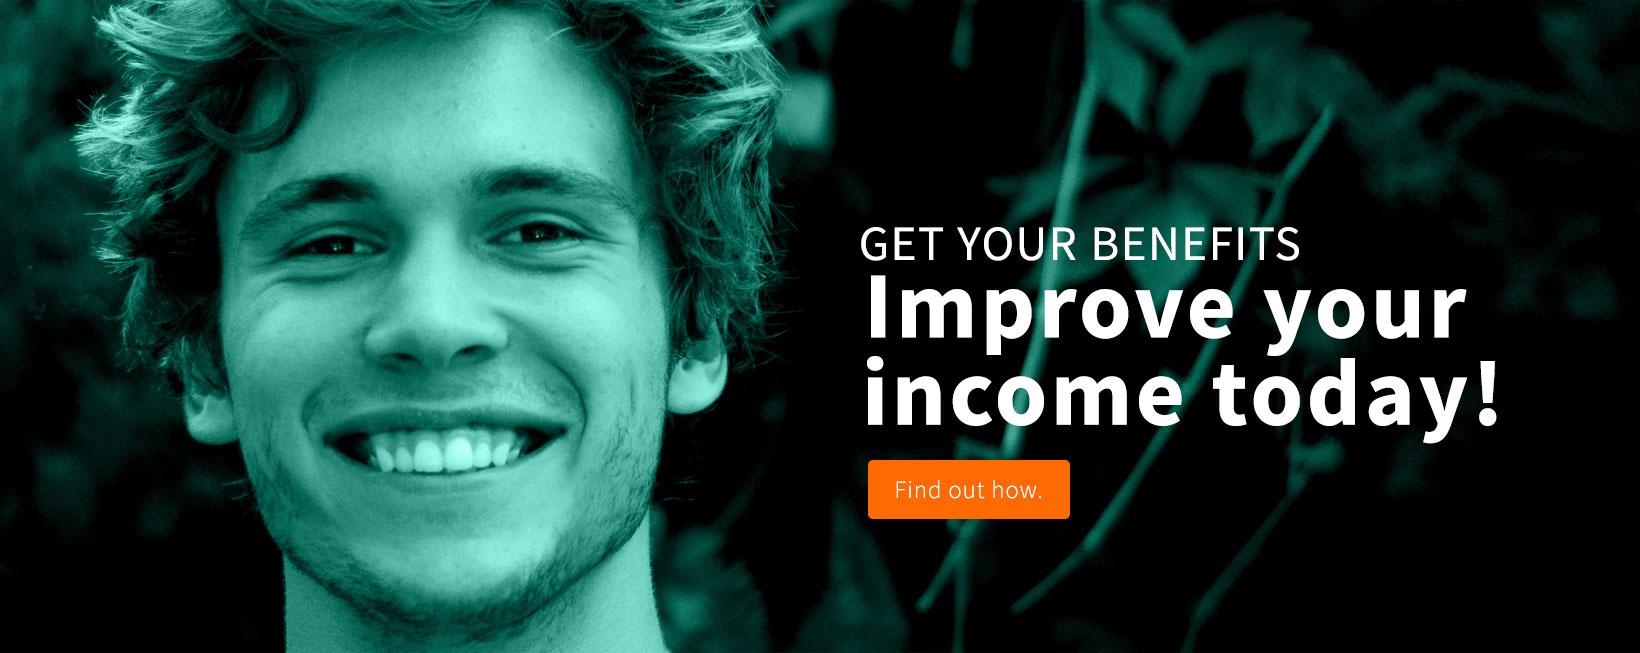 get-your-benefits